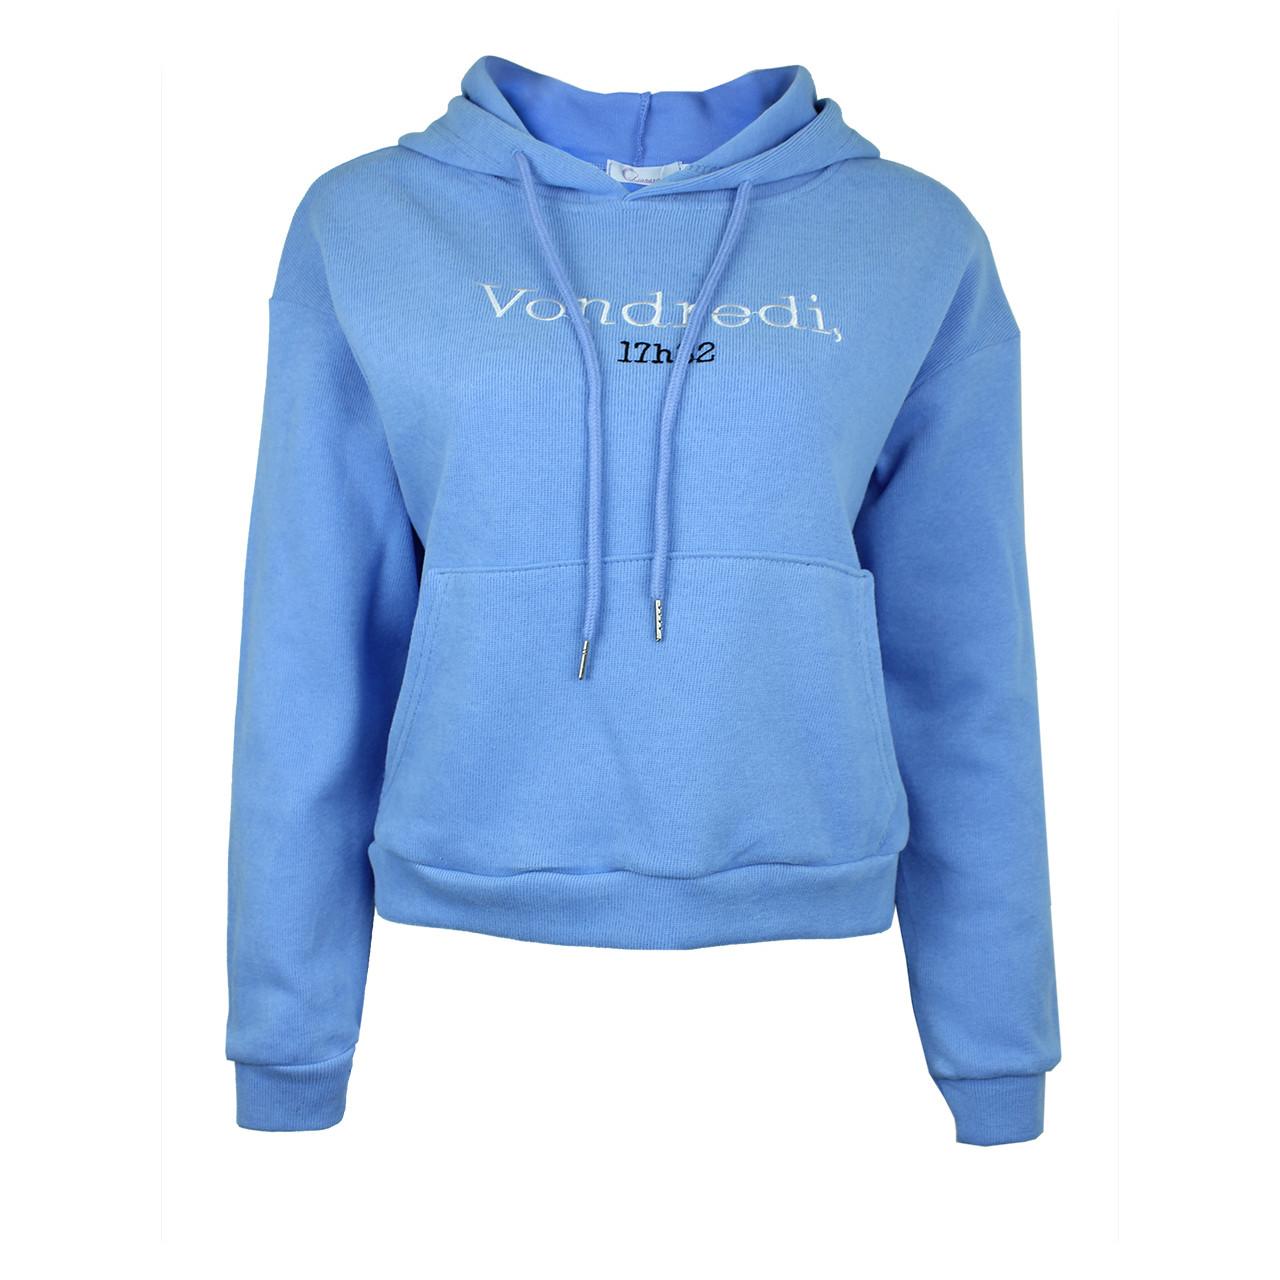 Худі жіноча з капюшоном коротке блакитна Vondredi M-XL